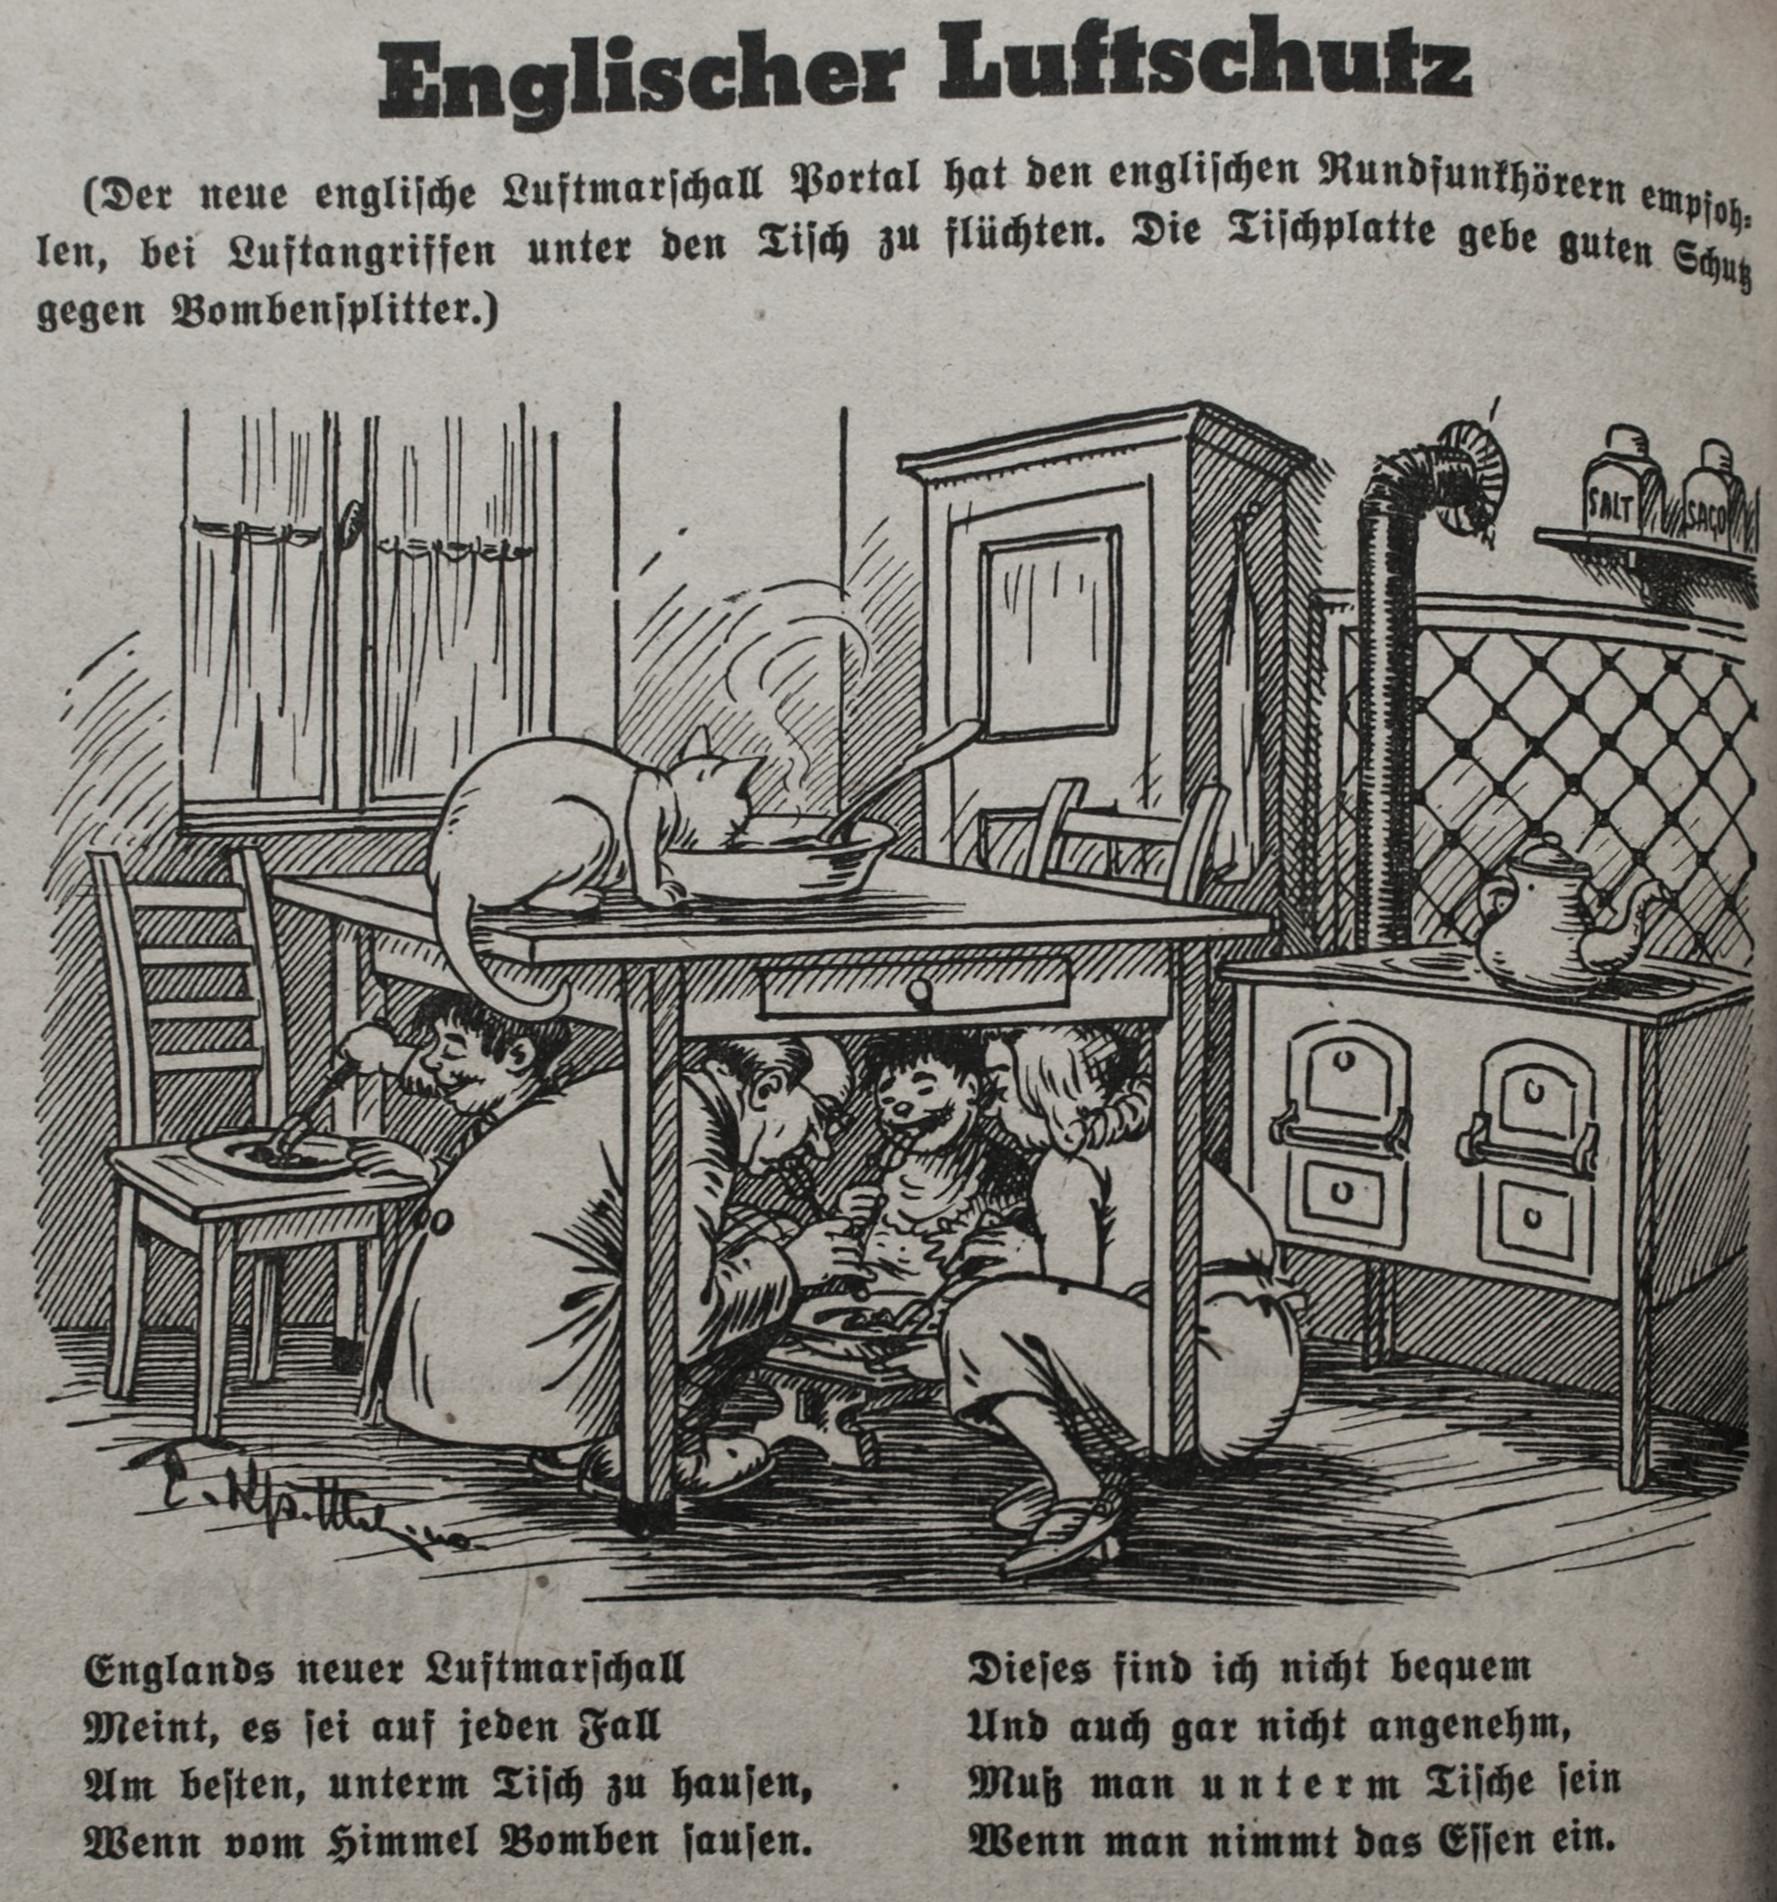 """Bild: Englischer Luftschutz """" Tischplatte gibt guten Schutz gegen Bombensplitter"""""""